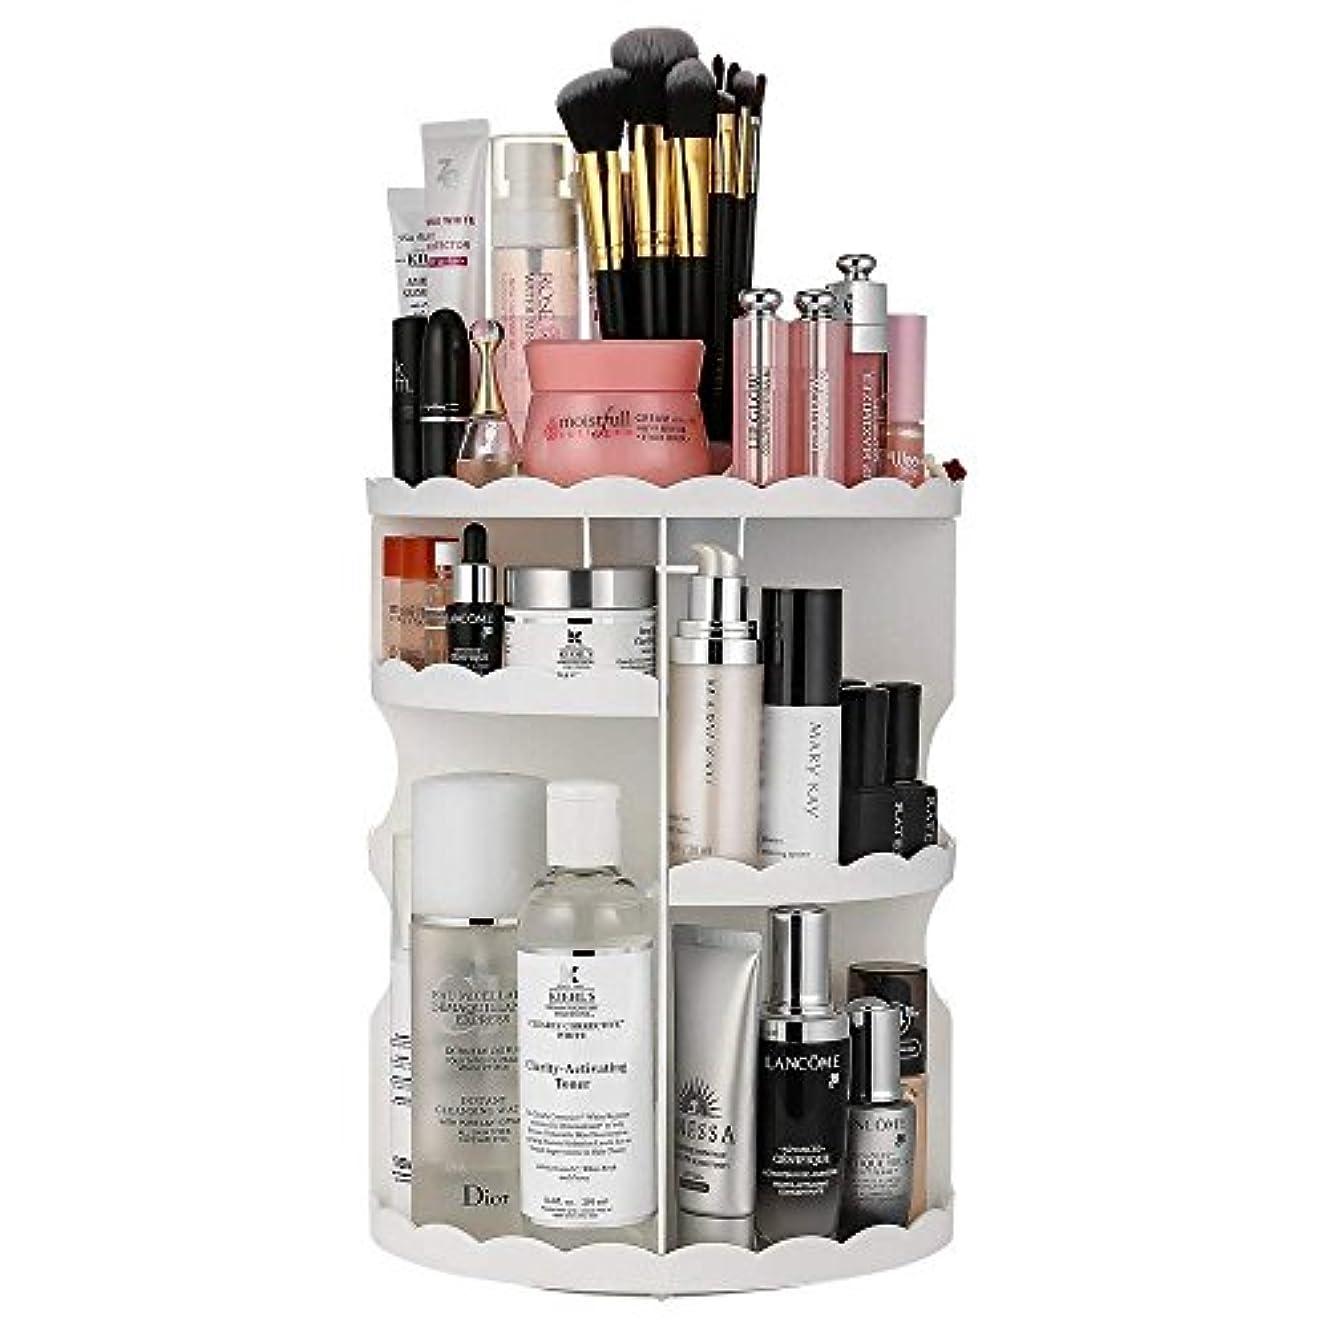 苦スクランブル印象的なLIFU 化粧品収納ボックス メイクボックス 大容量 360度回転 取りやすい 収納便利 おしゃれ ホワイト